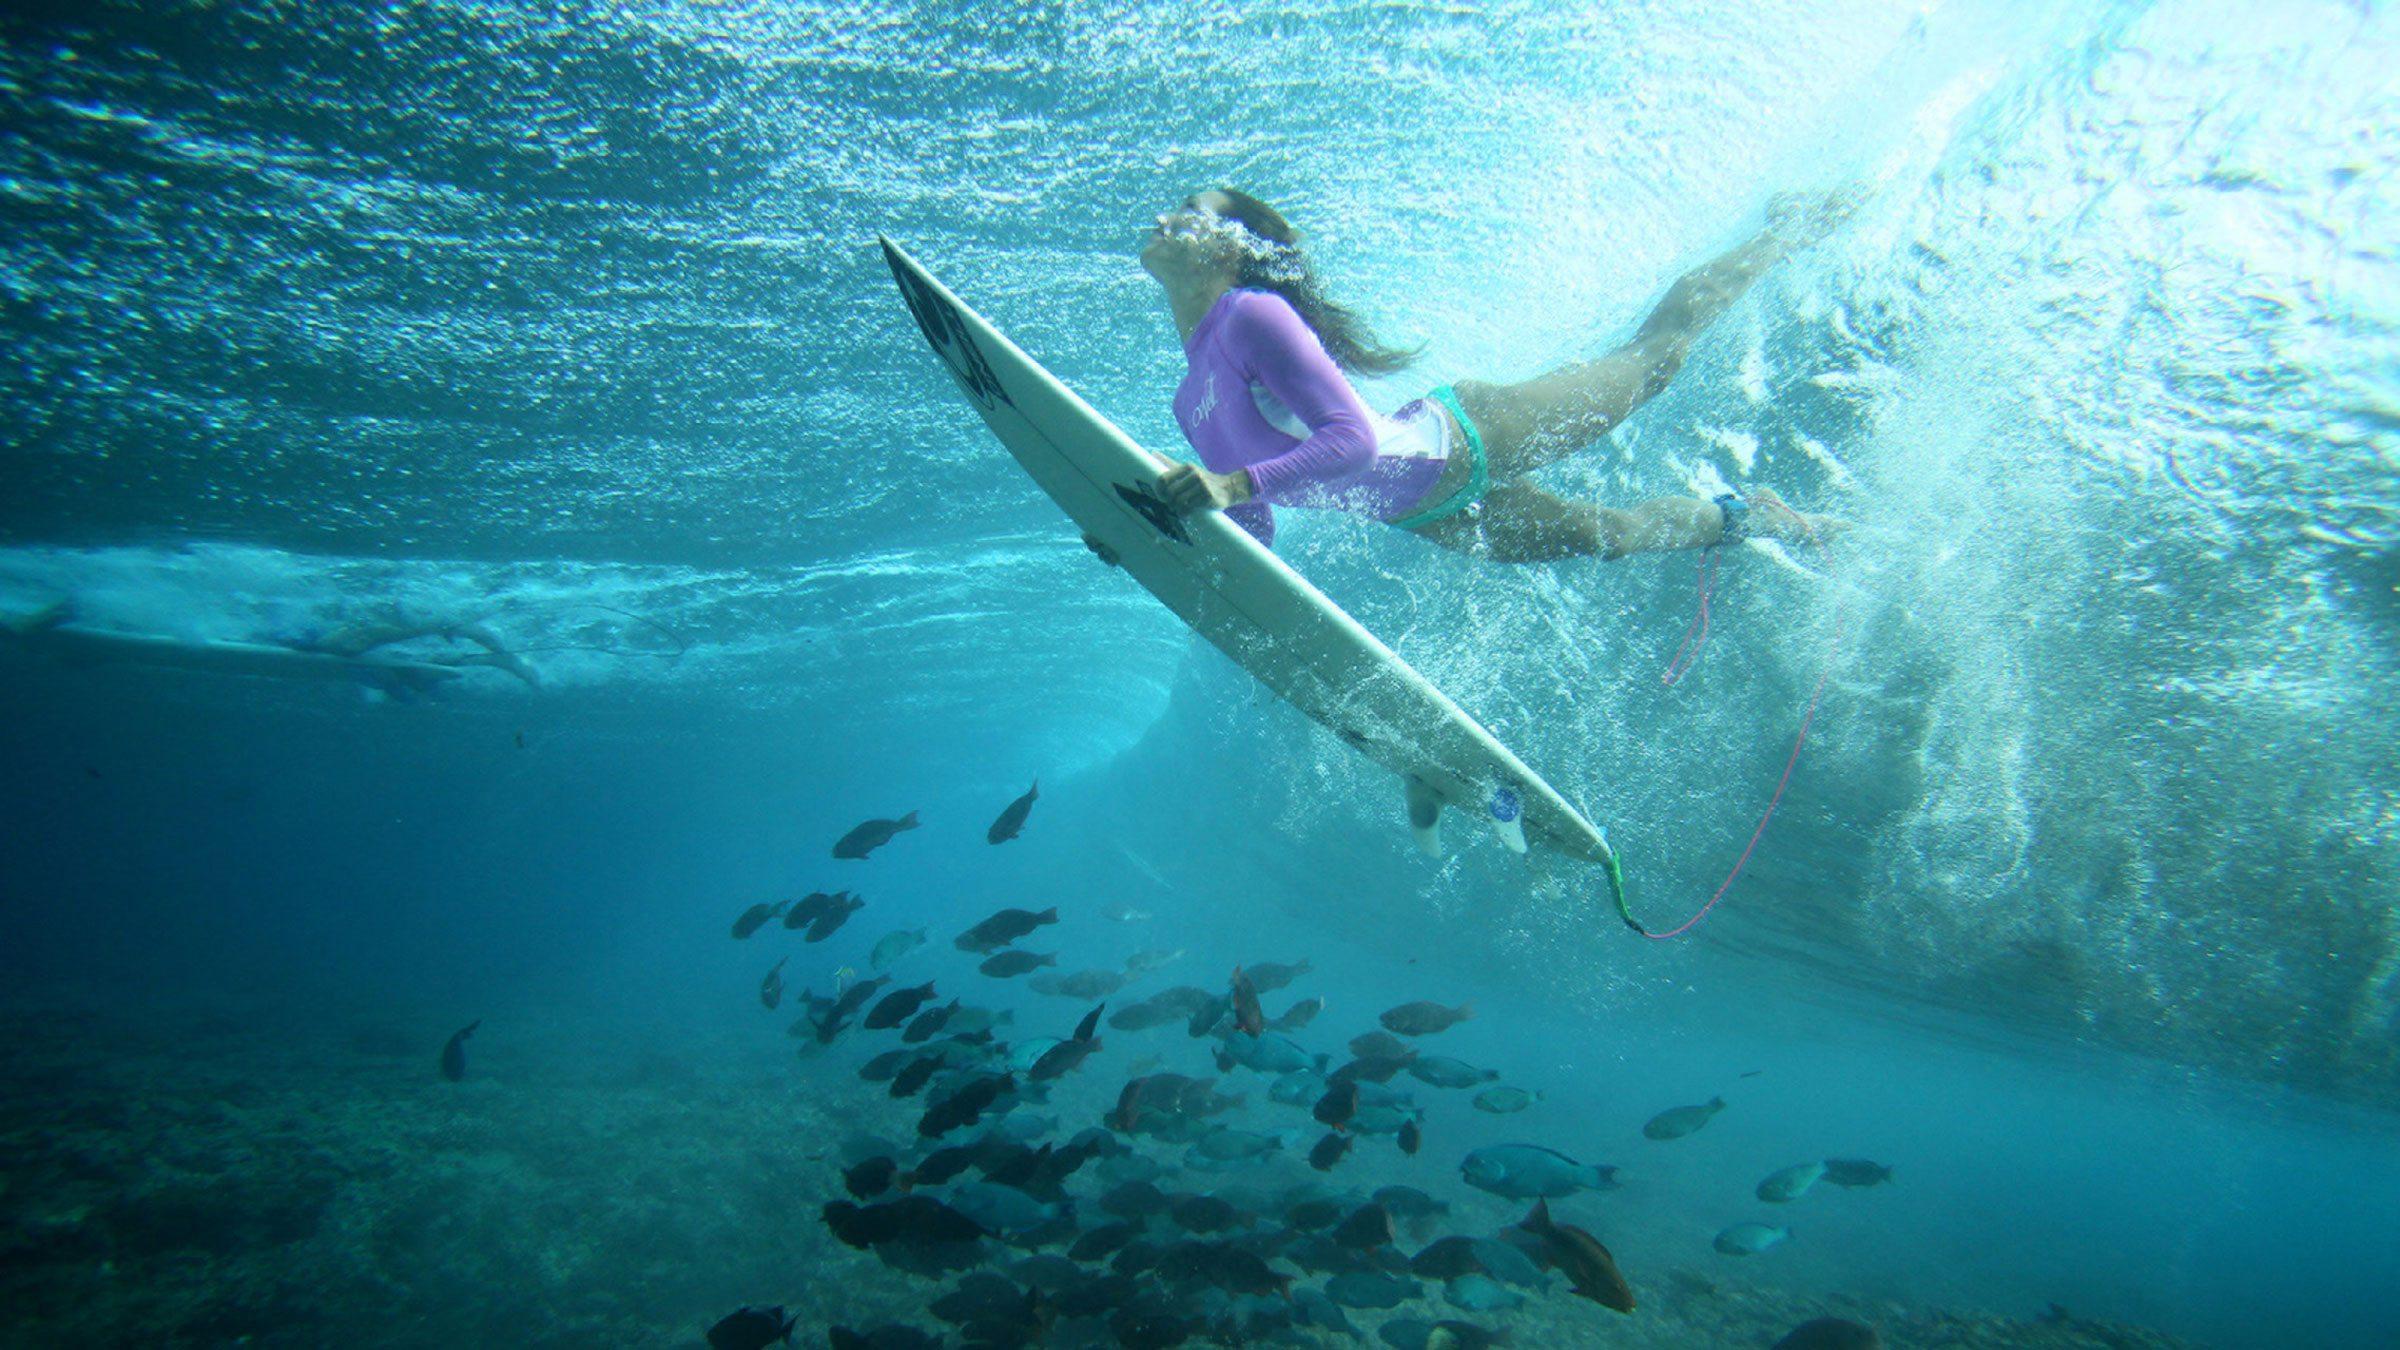 Safári de hidroavião para surfar nas Maldivas